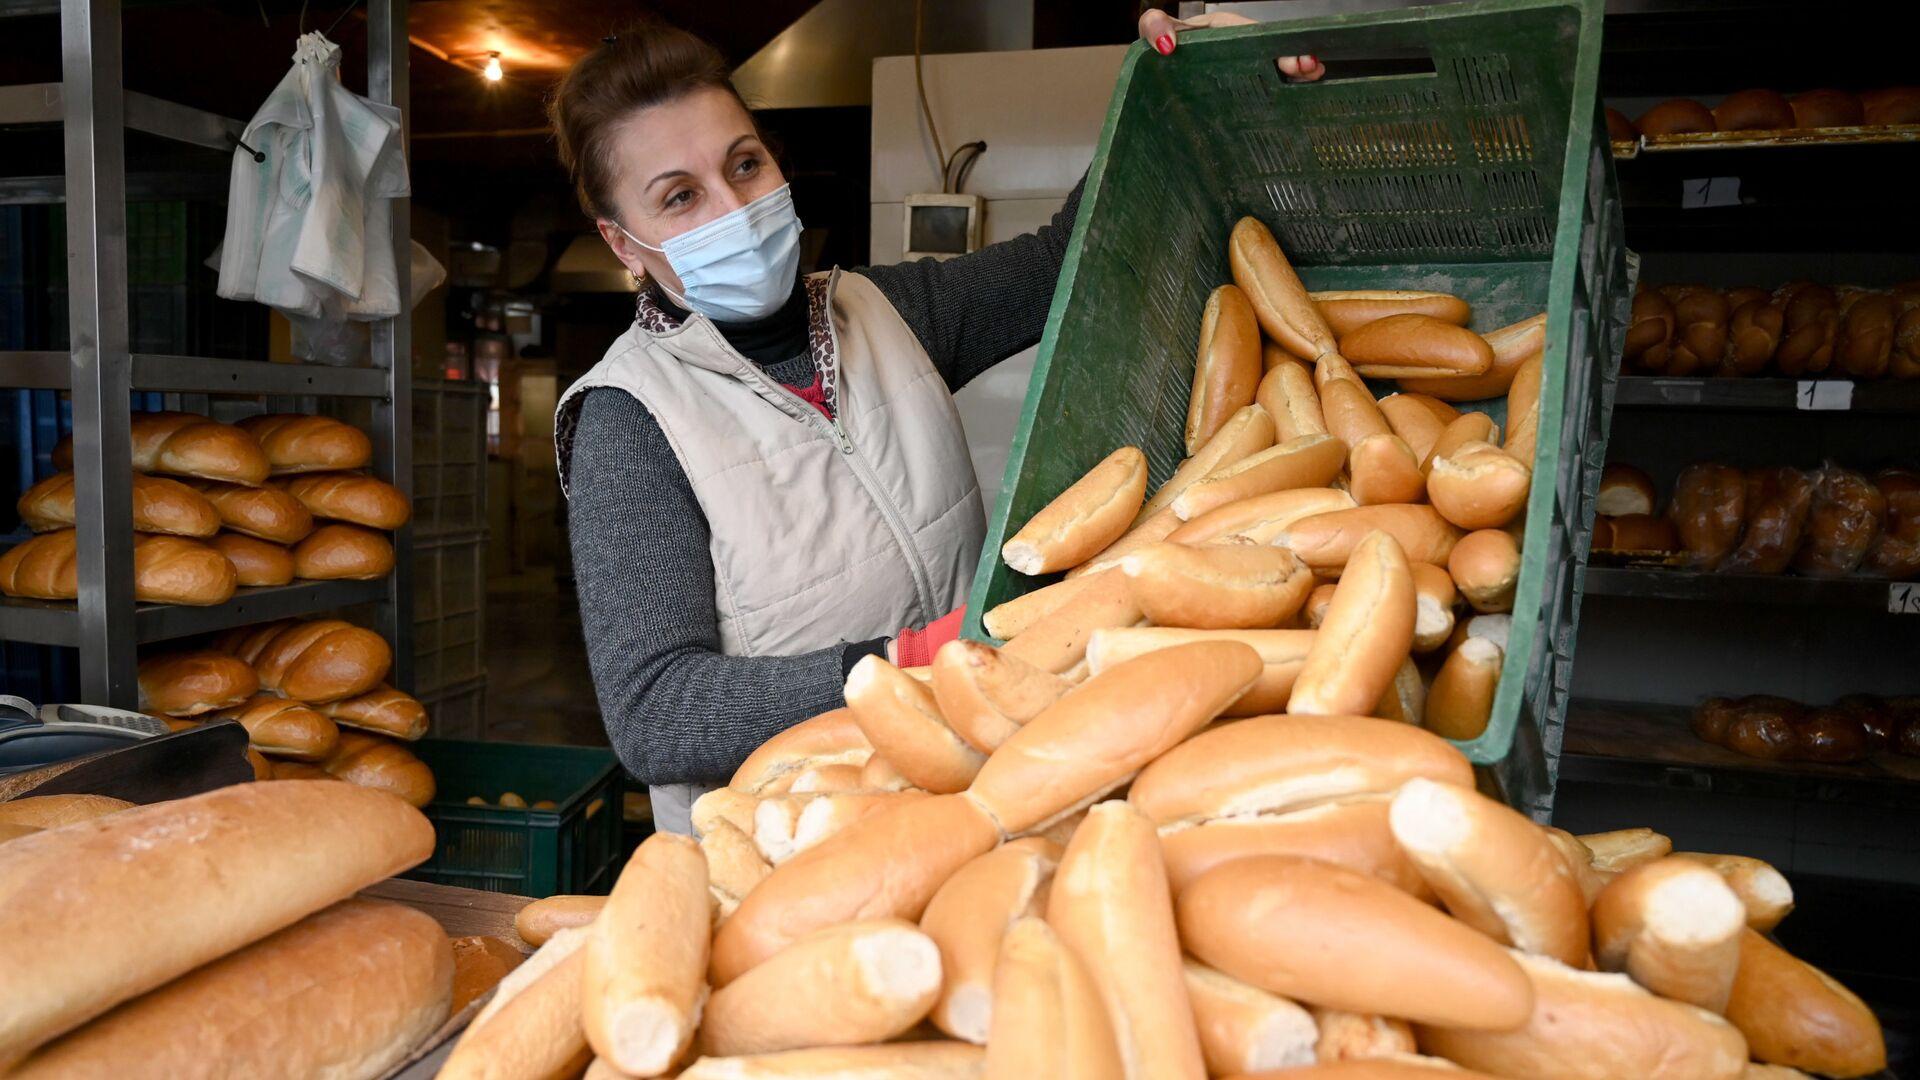 Эпидемия коронавируса - женщина в маске в хлебном магазине - Sputnik Грузия, 1920, 11.10.2021